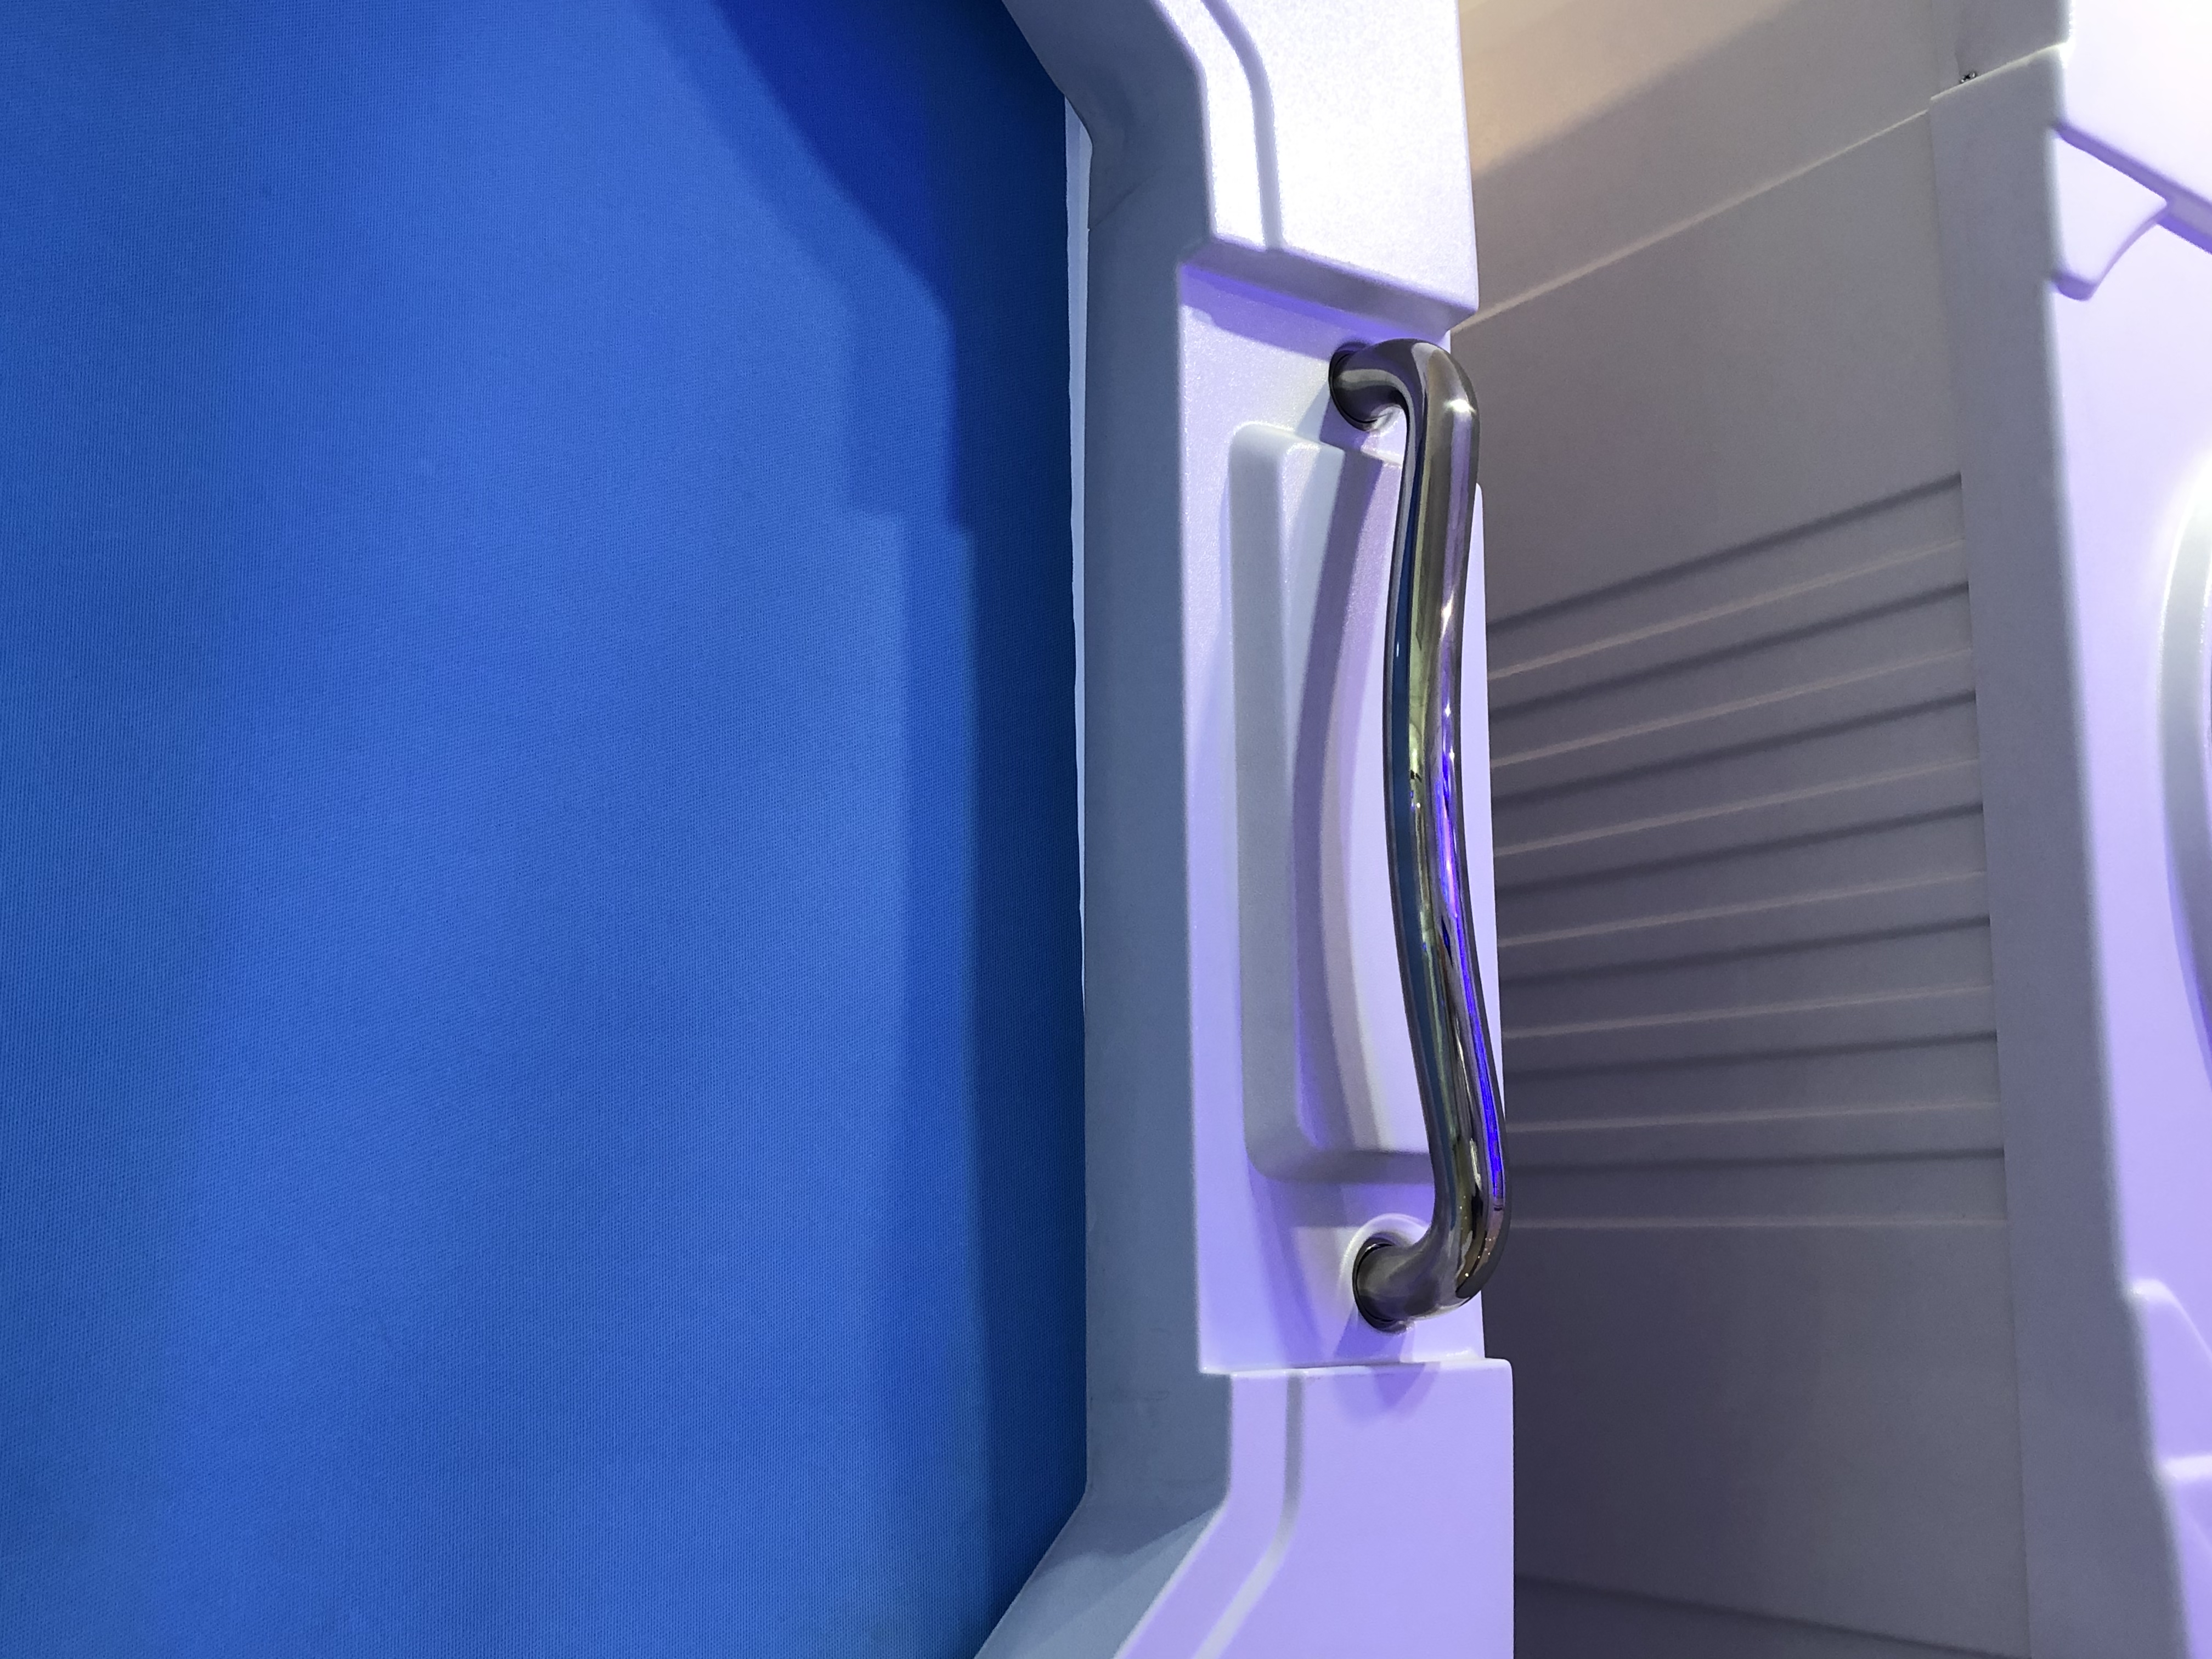 STARSDOVE Capsule Bed Room Sets Space Saving Capsule Hotel Pod